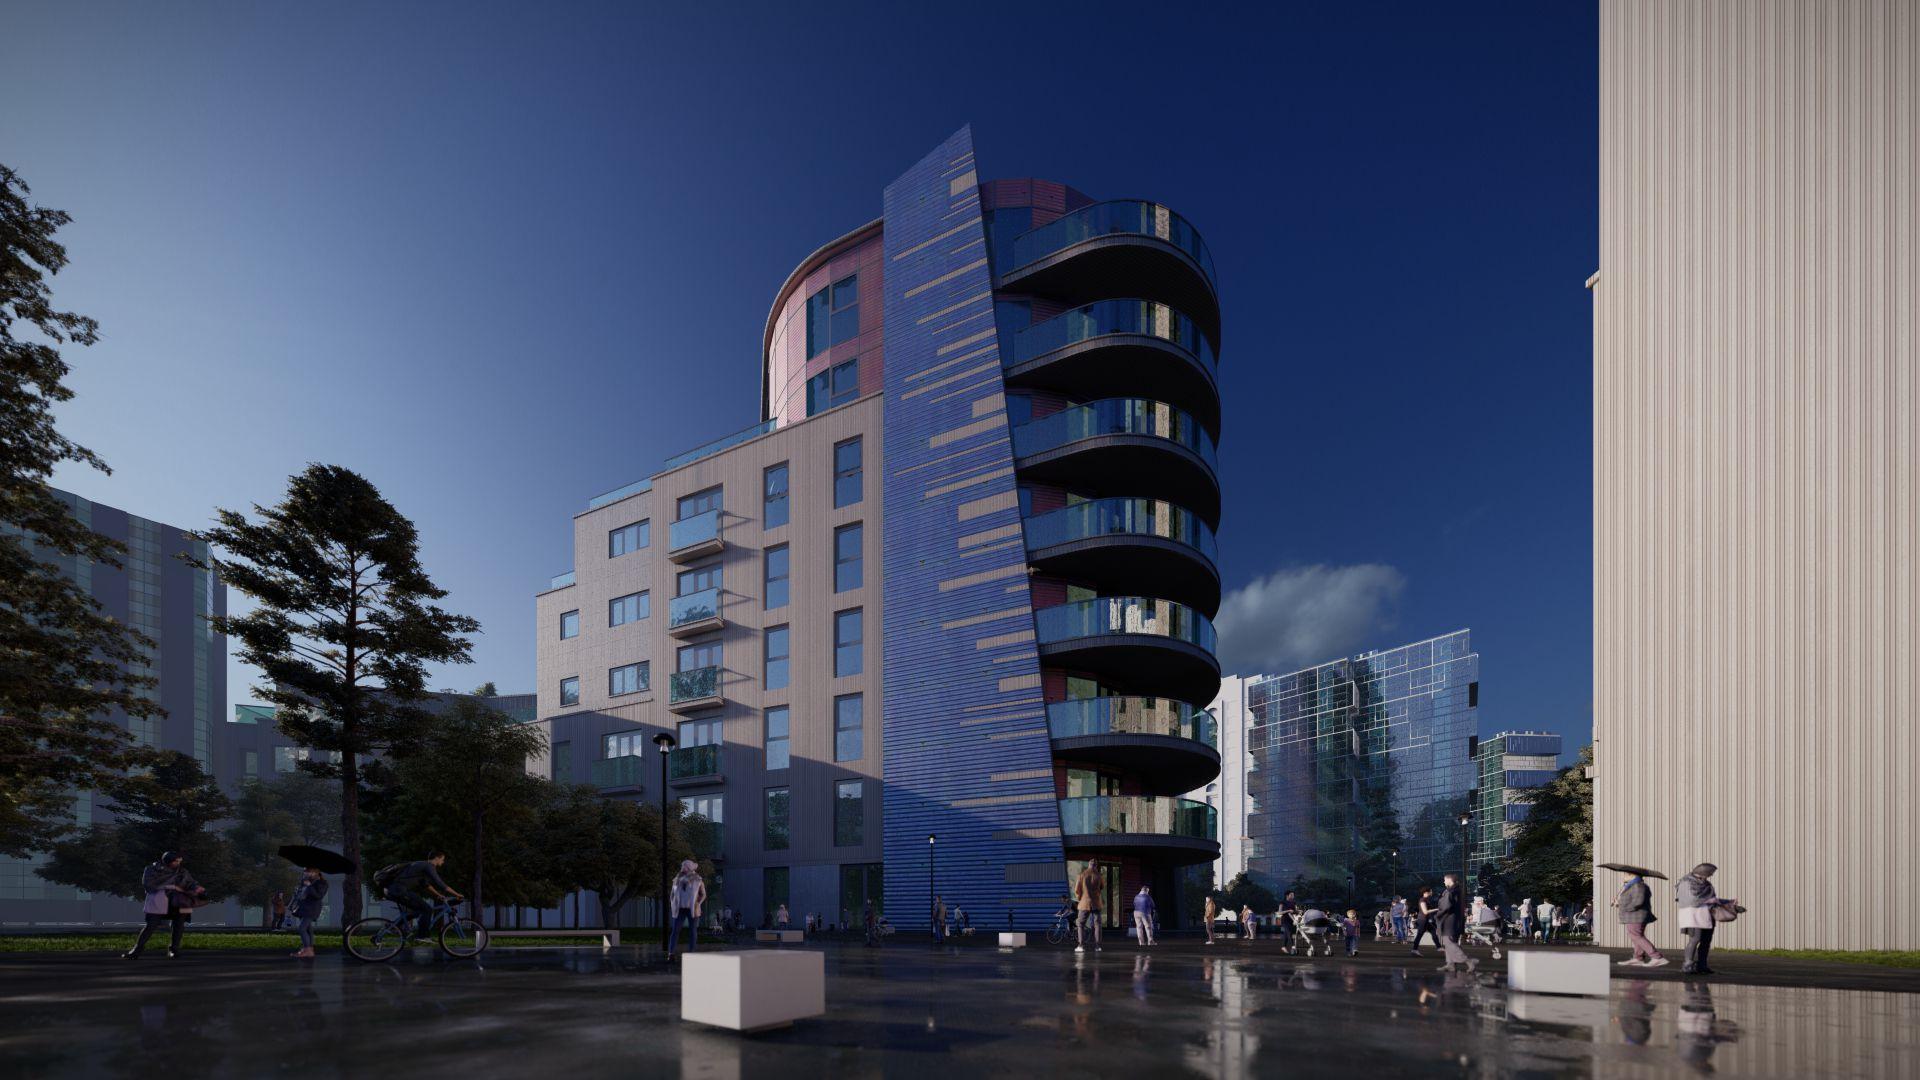 arhitektuurne 3d visualiseerimine hoone plokk 3